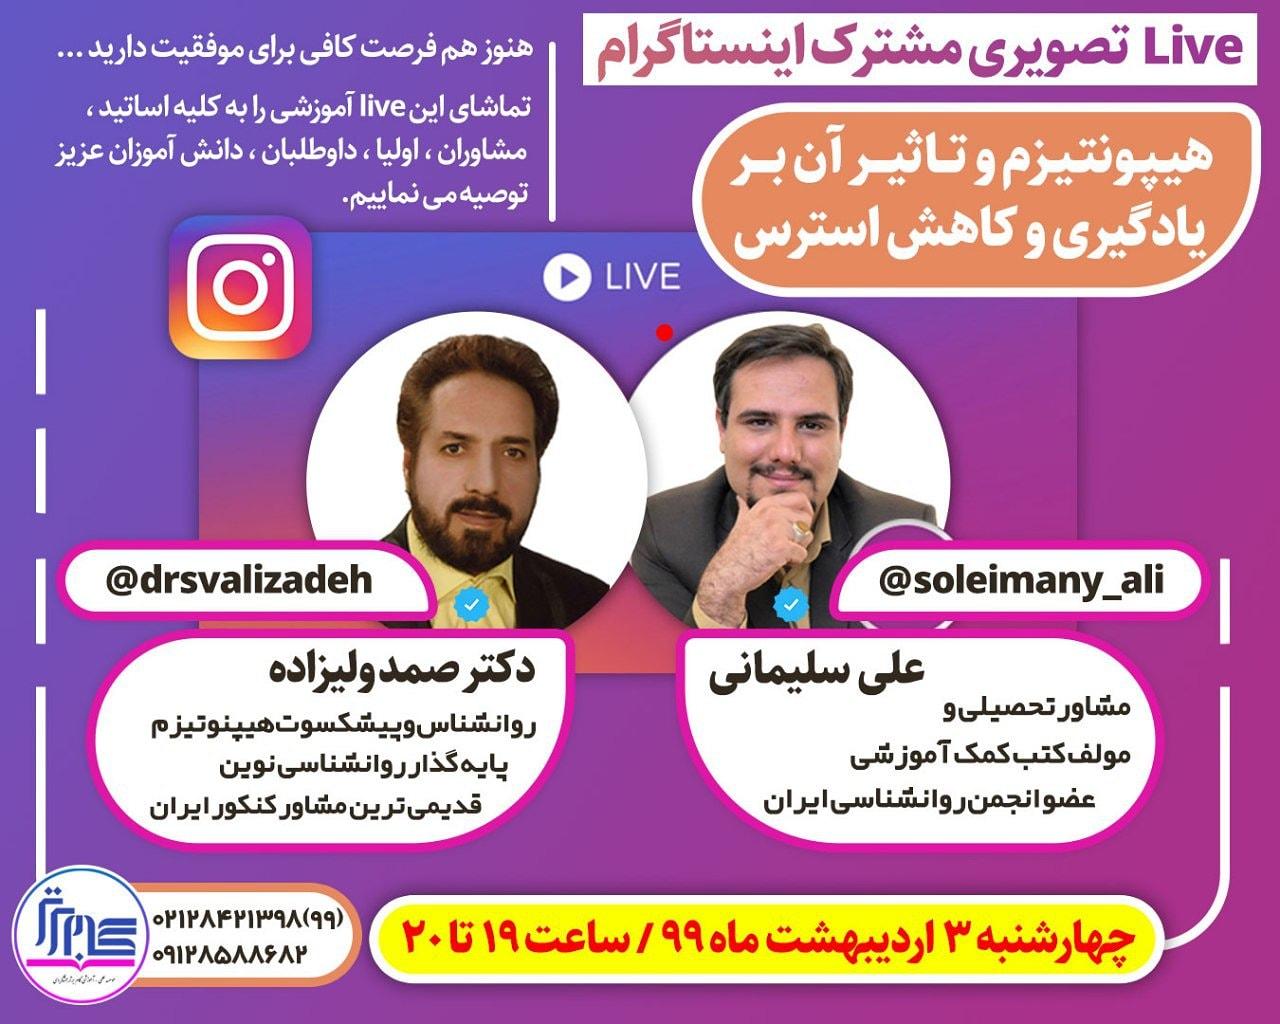 Live تصویری مشترک اینستاگرام دکتر صمد ولیزاده و استاد علی سلیمانی